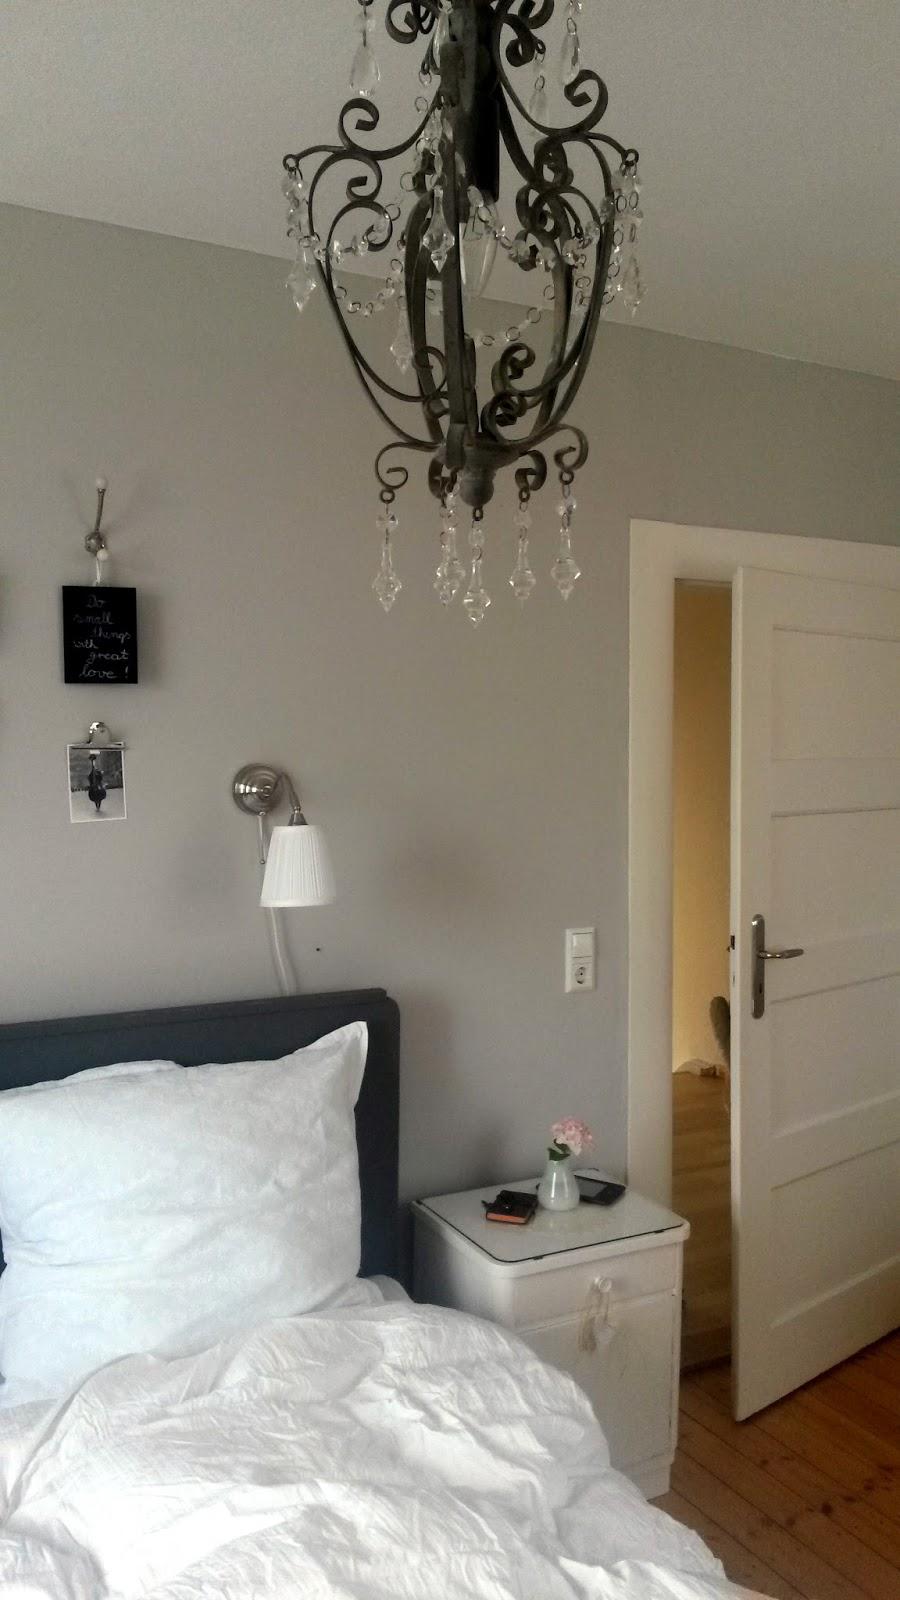 frl etepetete aus omas zeiten. Black Bedroom Furniture Sets. Home Design Ideas